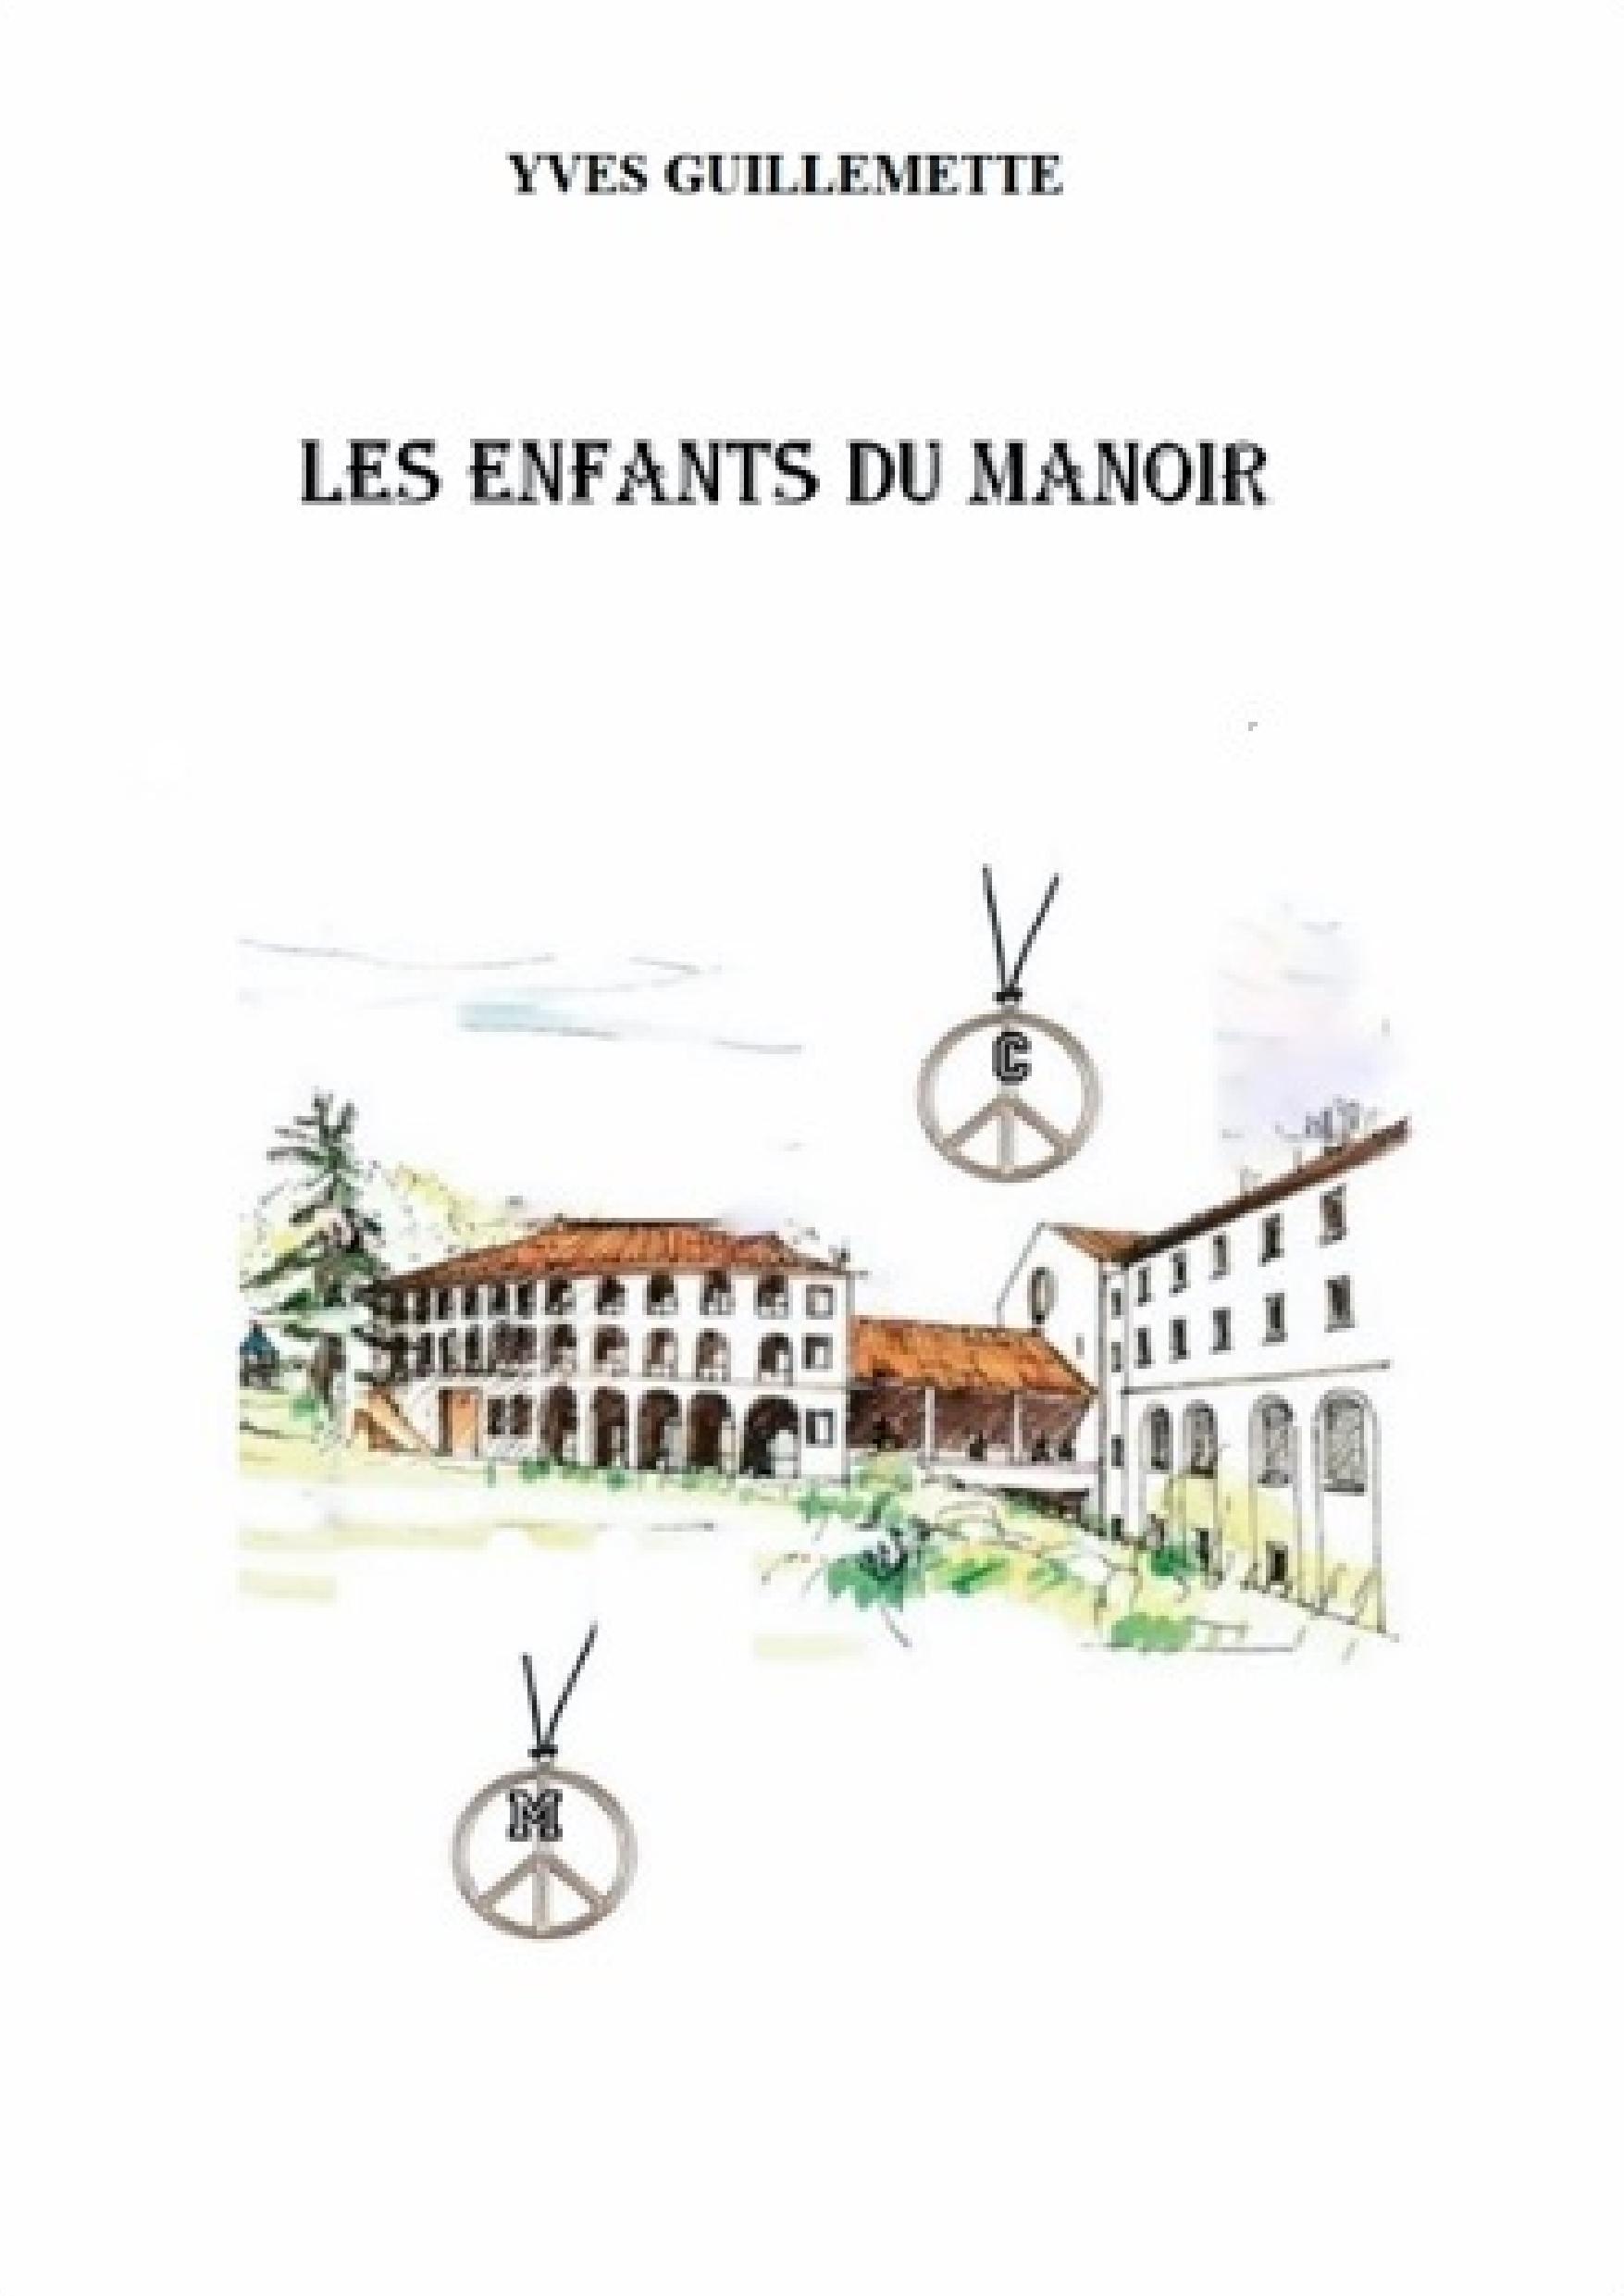 LES ENFANTS DU MANOIR